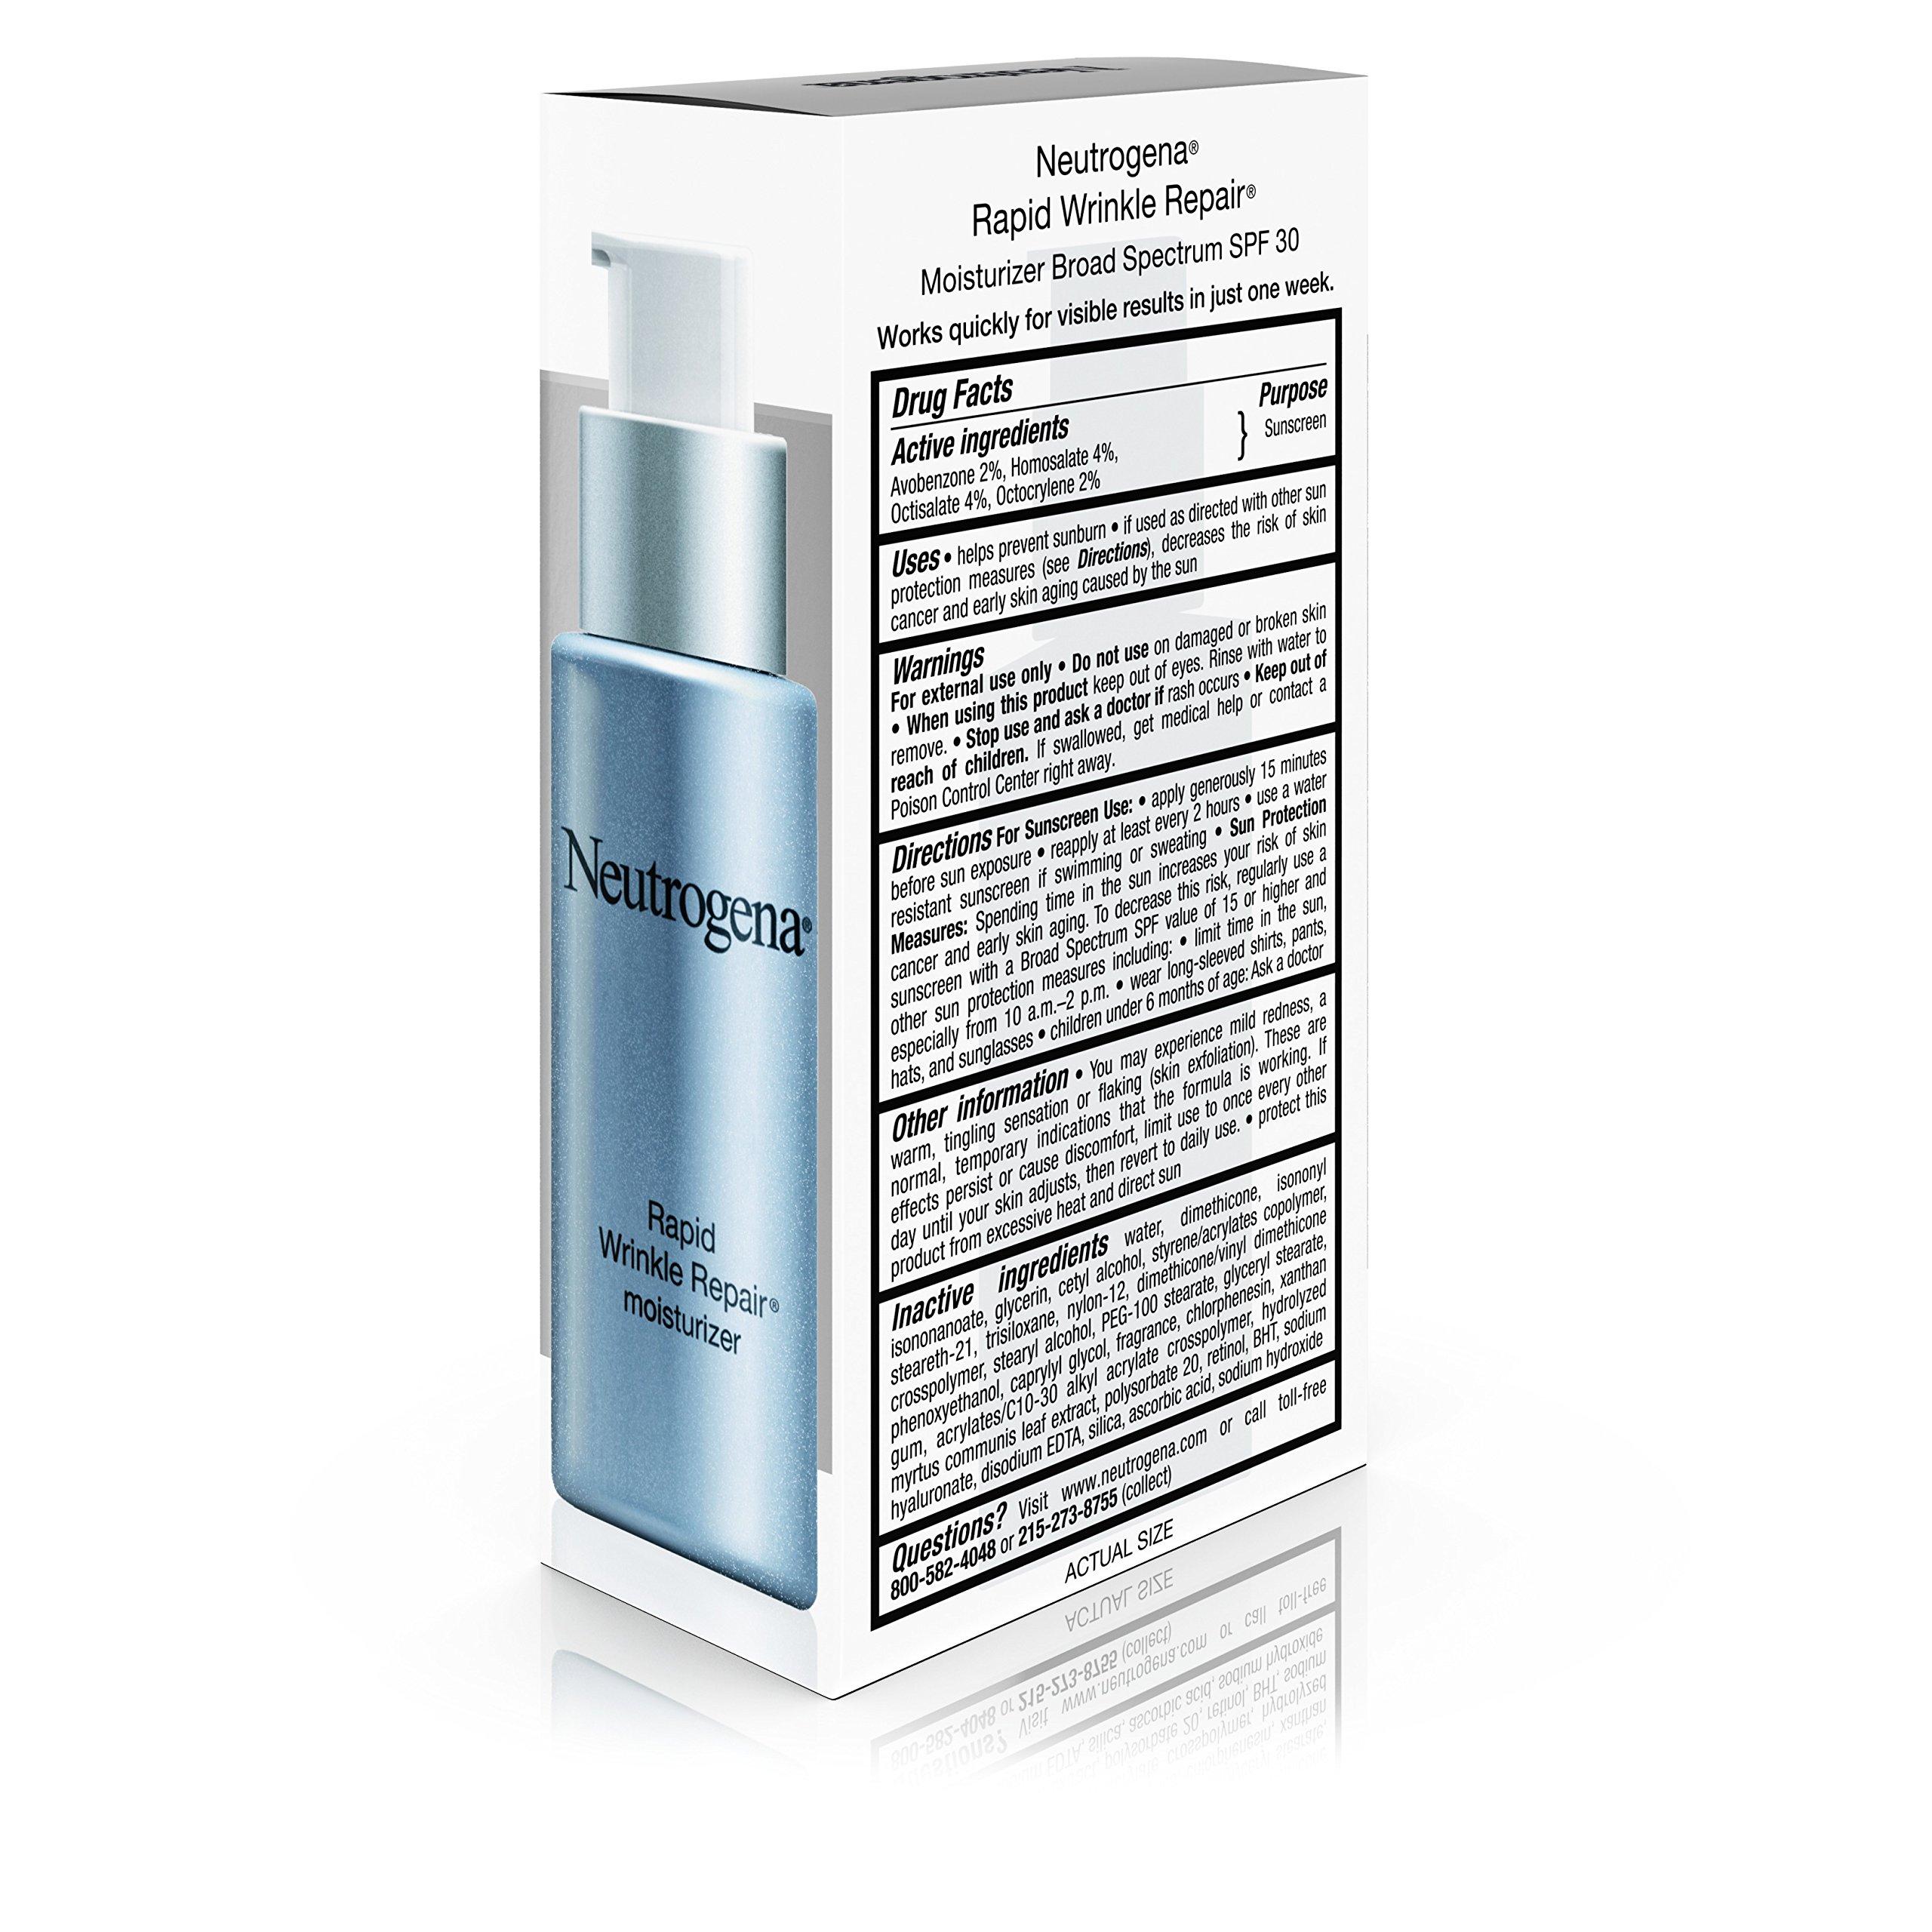 Neutrogena Rapid Wrinkle Repair Anti-Wrinkle Retinol Daily Face Moisturizer, with SPF 30 Sunscreen, 1 fl. Oz by Neutrogena (Image #9)